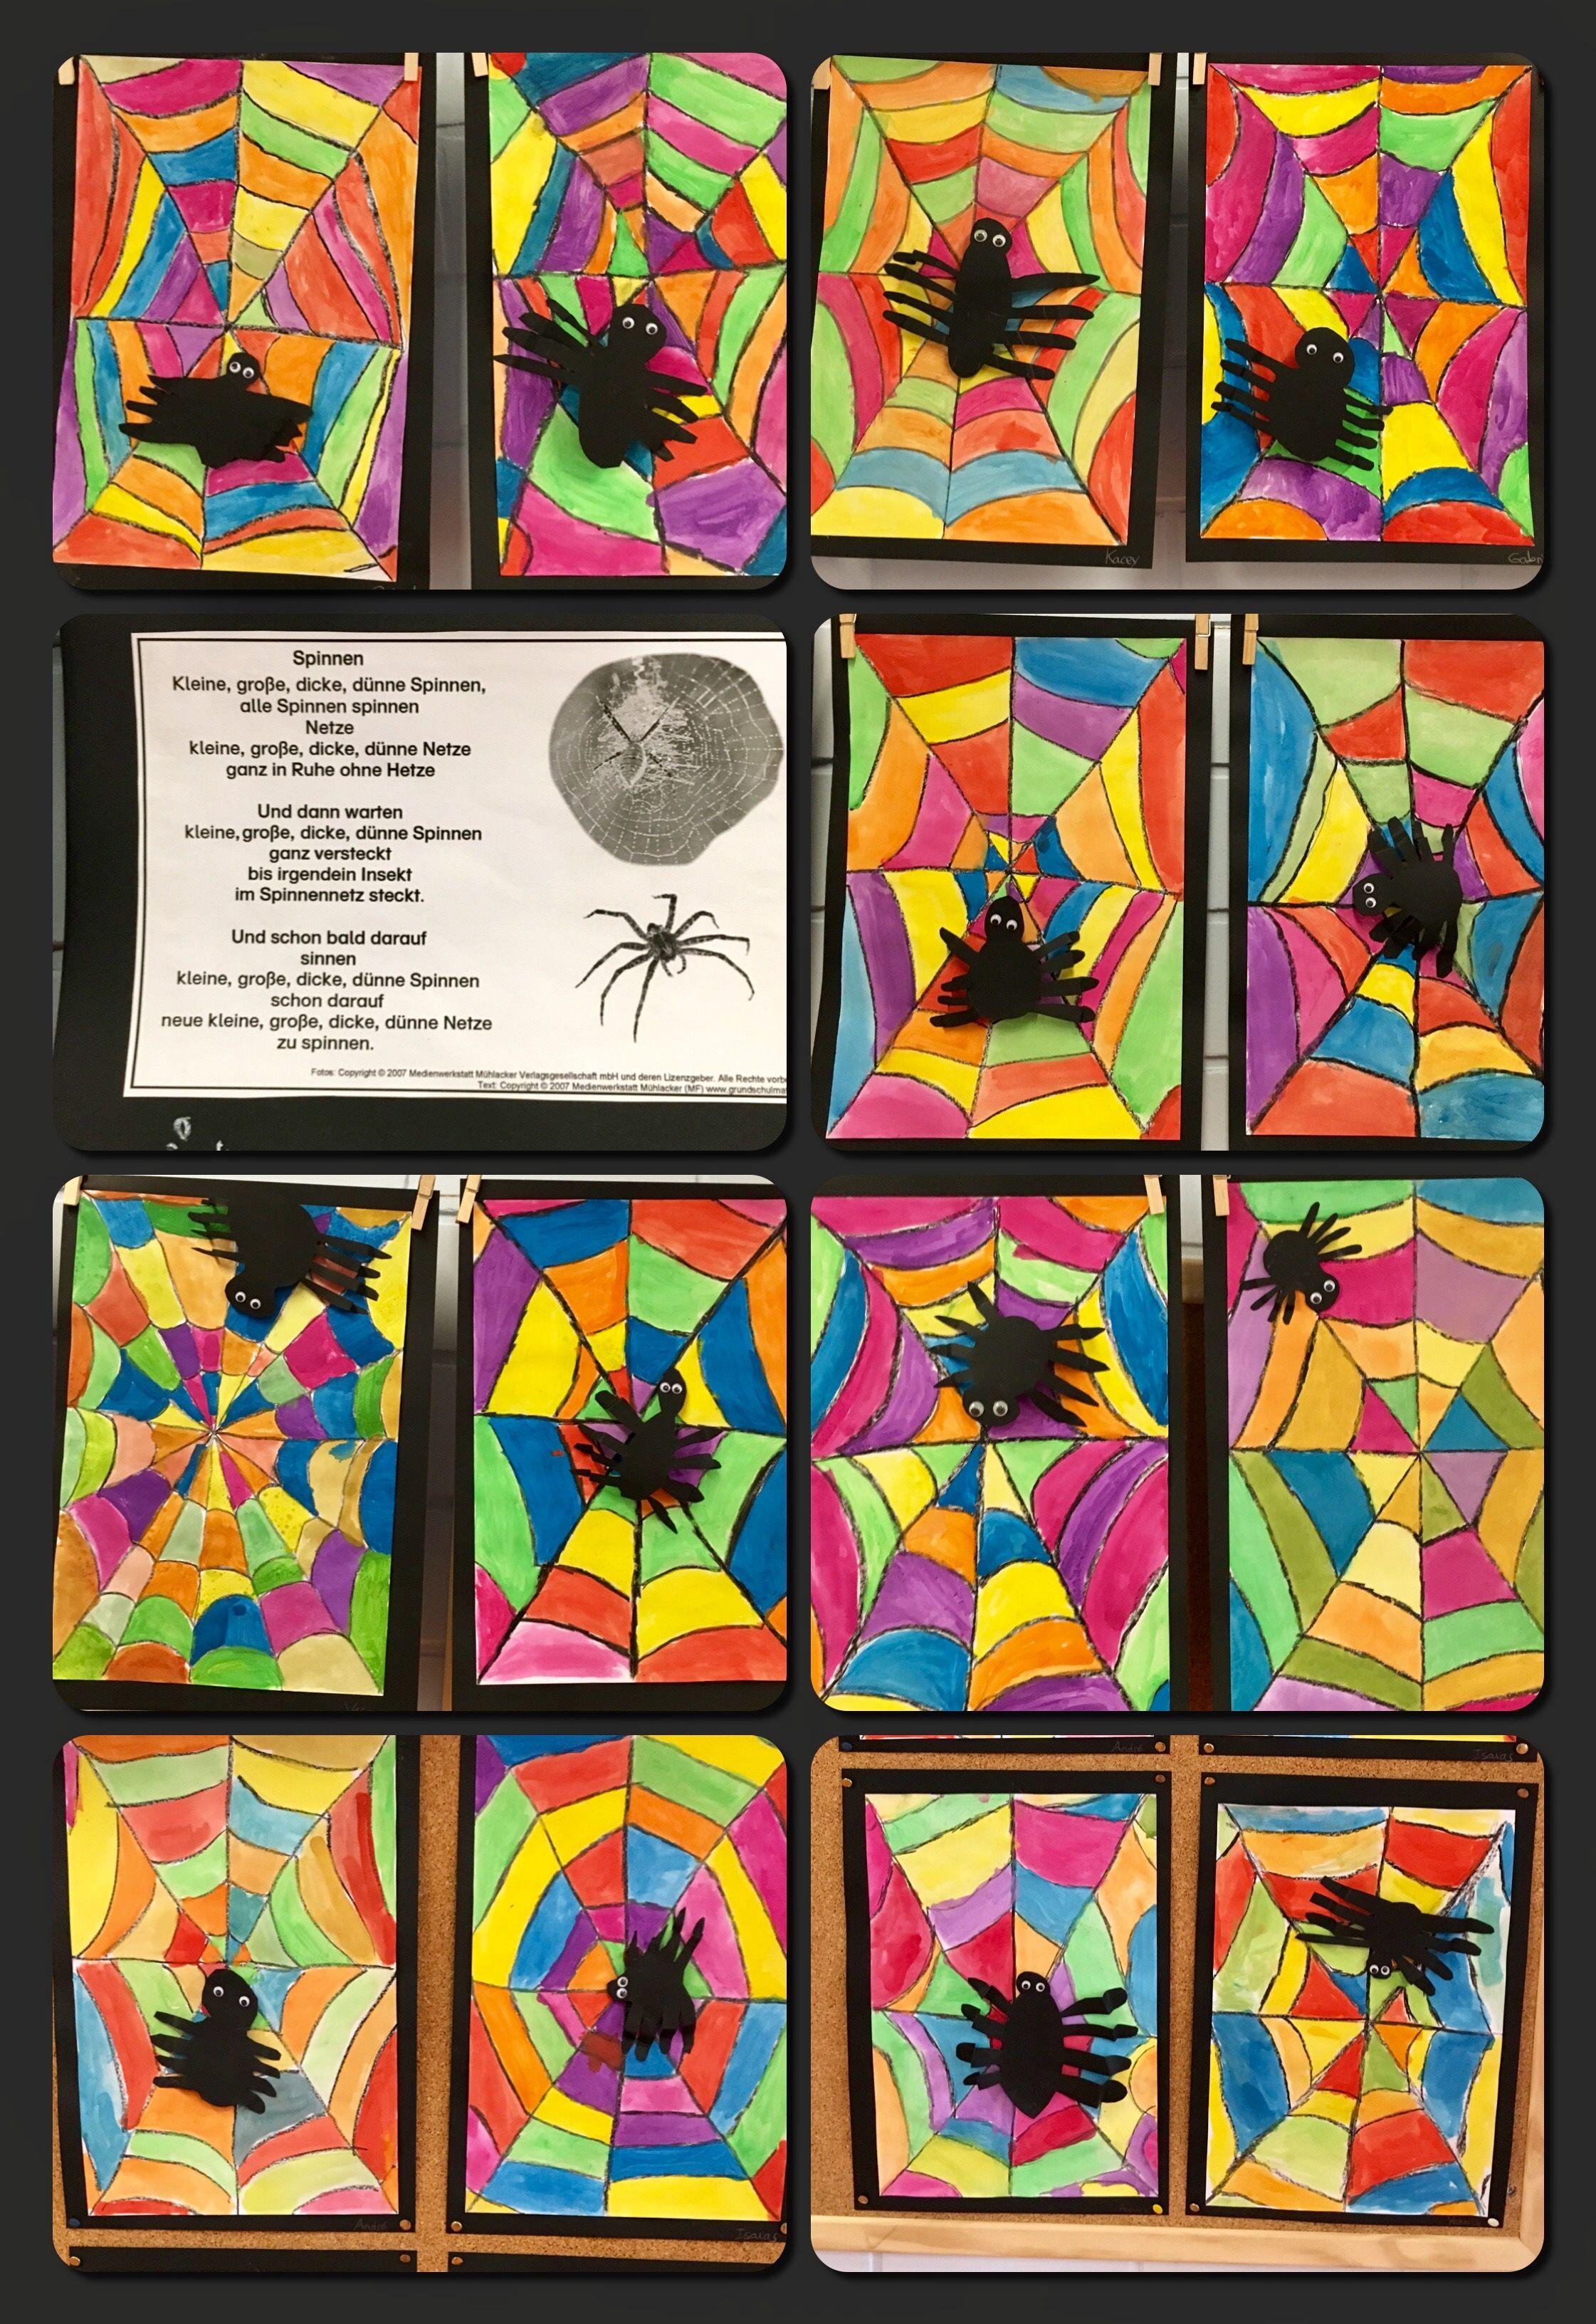 Spinnen Im Netz Wachsfarben Und Wasserfarben Kunstunterricht